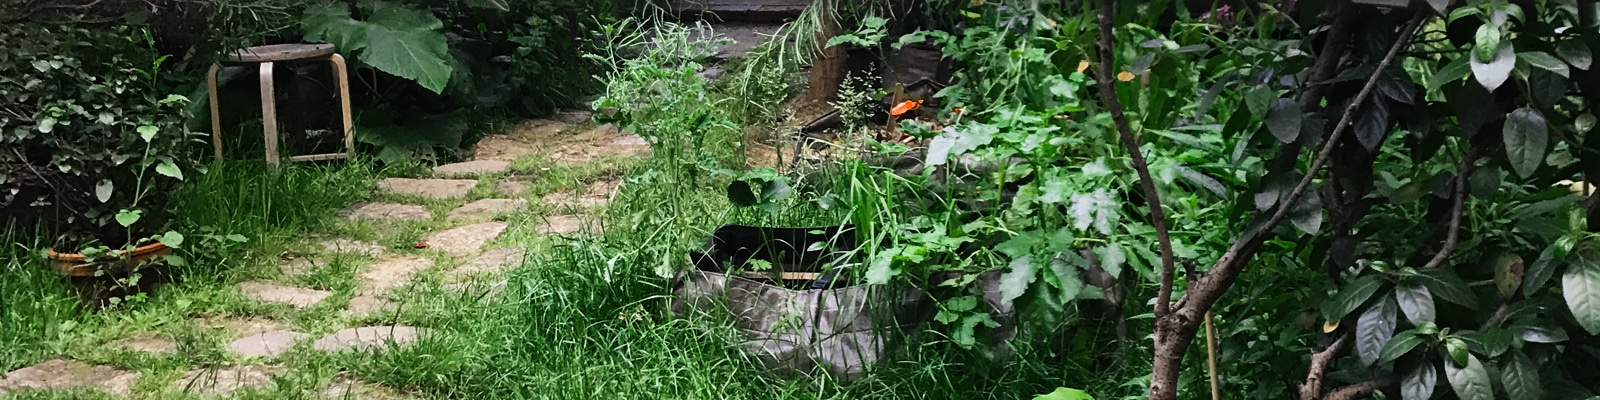 Remettre En état Un Jardin Abandonné Ou Délaissé